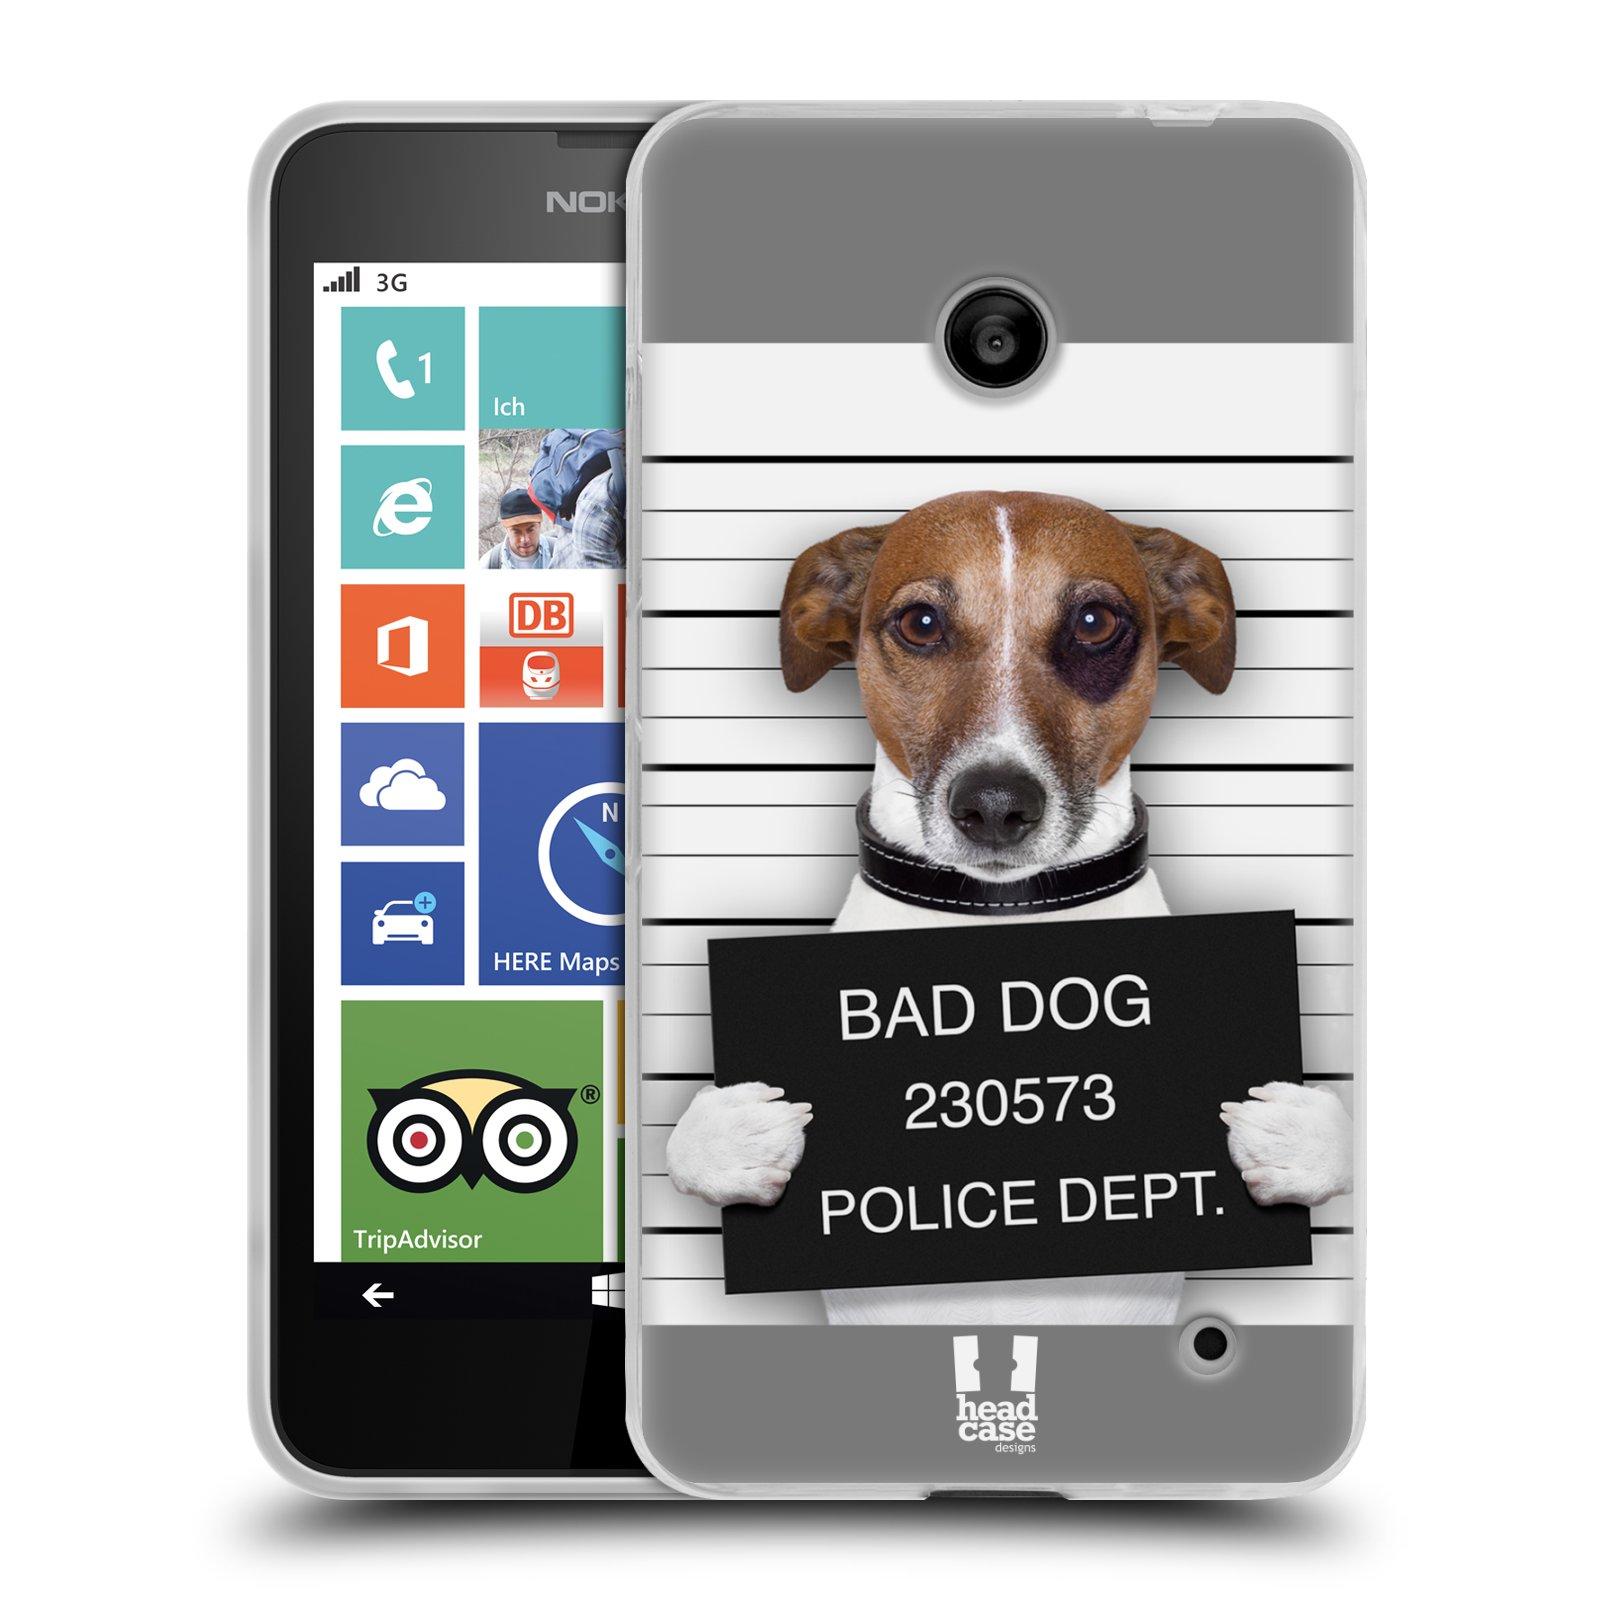 Silikonové pouzdro na mobil Nokia Lumia 630 HEAD CASE ZLEJ PEJSEK (Silikonový kryt či obal na mobilní telefon Nokia Lumia 630 a Nokia Lumia 630 Dual SIM)